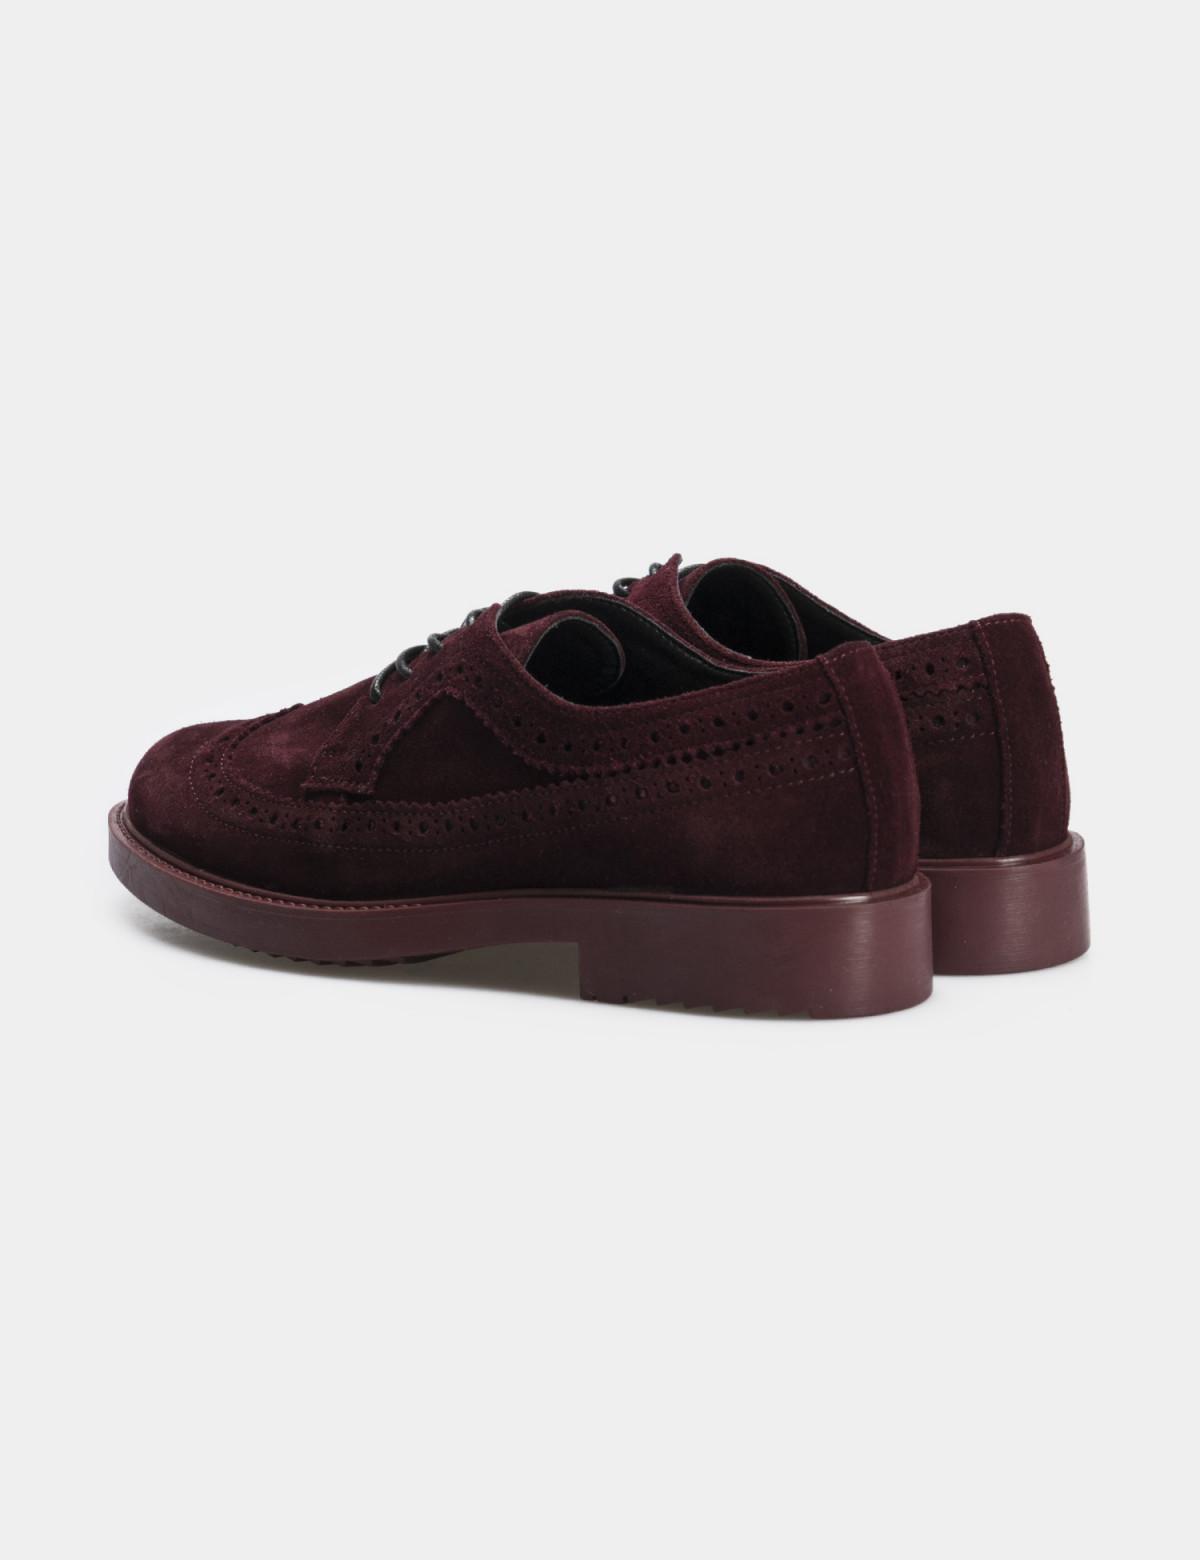 Туфли бордовые, натуральная замша2